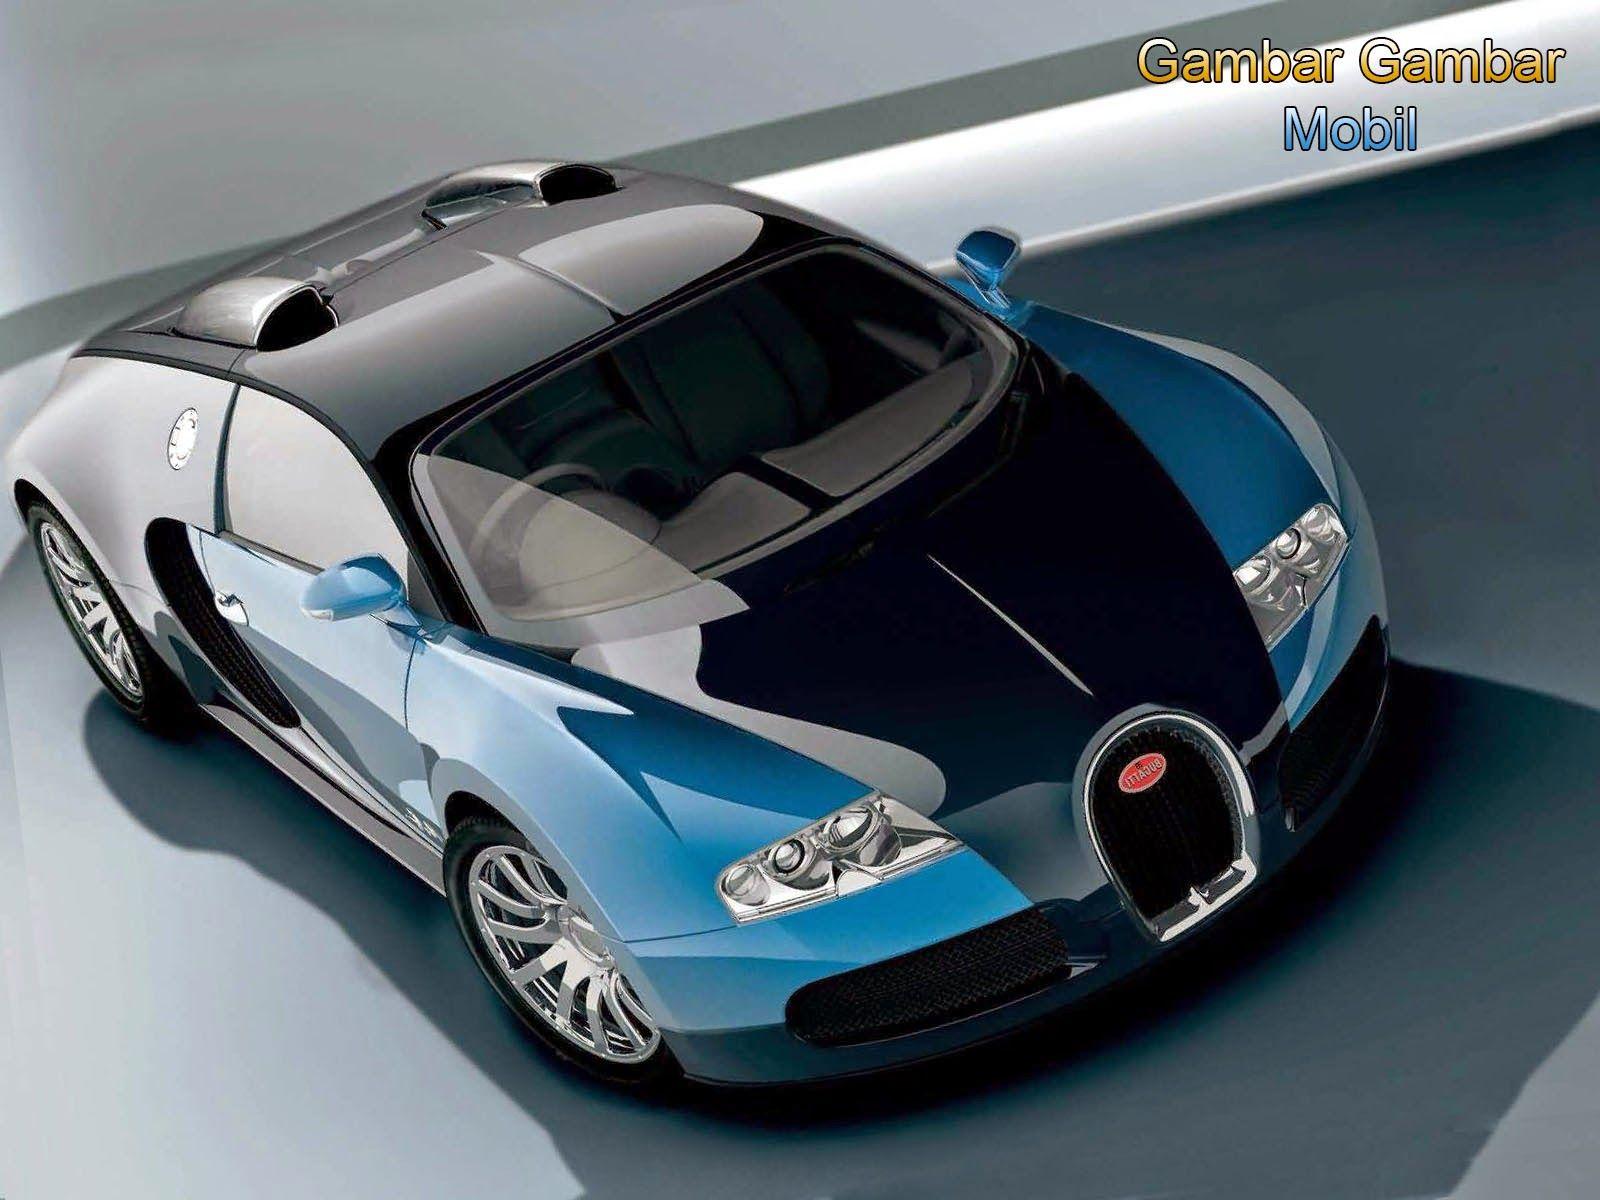 147debe70f51c25c97aeb8a29c8e16f9 Extraordinary Bugatti Veyron Price Saudi Arabia Cars Trend